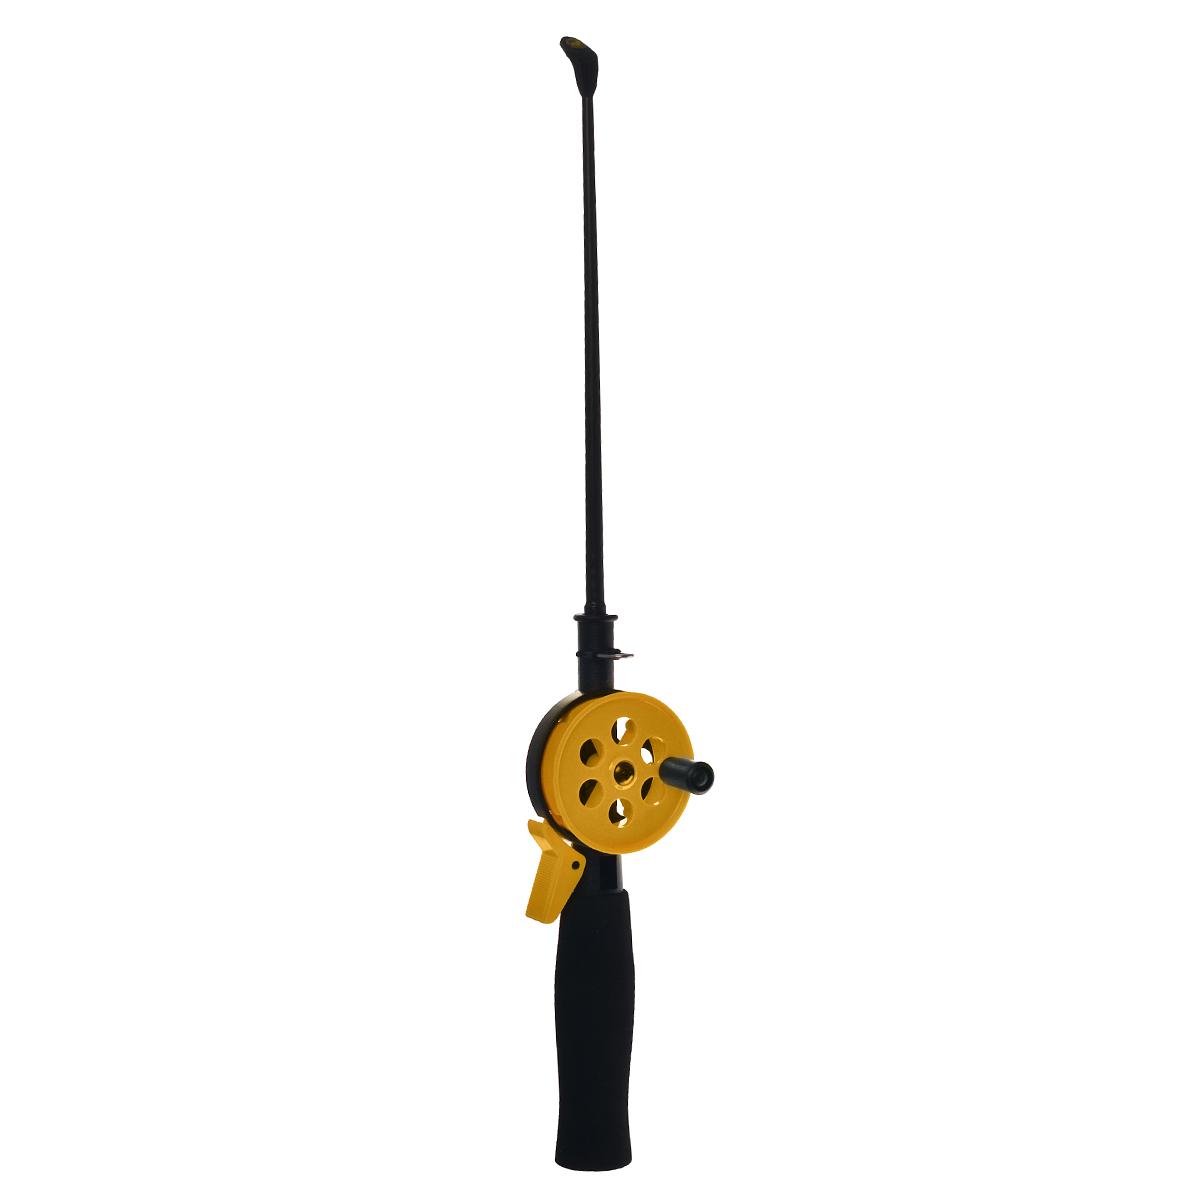 Удочка зимняя SWD HR402, цвет: черный, желтый, 38 см28390/BJX0111Зимняя удочка SWD HR402 с открытой катушкой диаметром 55 мм и клавишным стопором. Оснащена пластиковым хлыстом длиной 20 см с тюльпаном на конце. Ручка выполнена из неопрена.